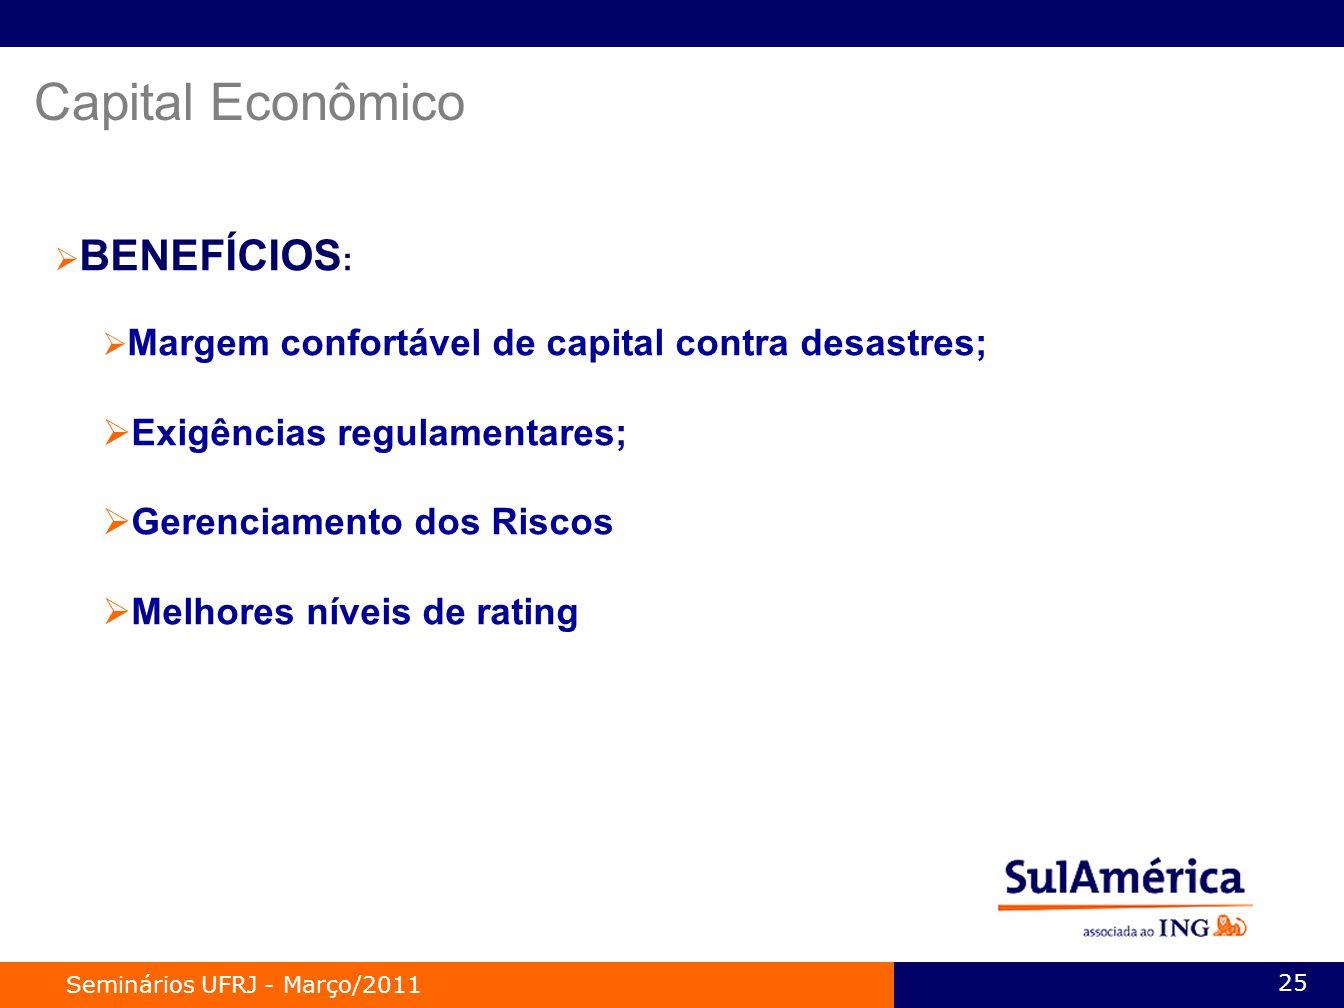 Seminários UFRJ - Março/2011 25 Capital Econômico BENEFÍCIOS : Margem confortável de capital contra desastres; Exigências regulamentares; Gerenciamento dos Riscos Melhores níveis de rating